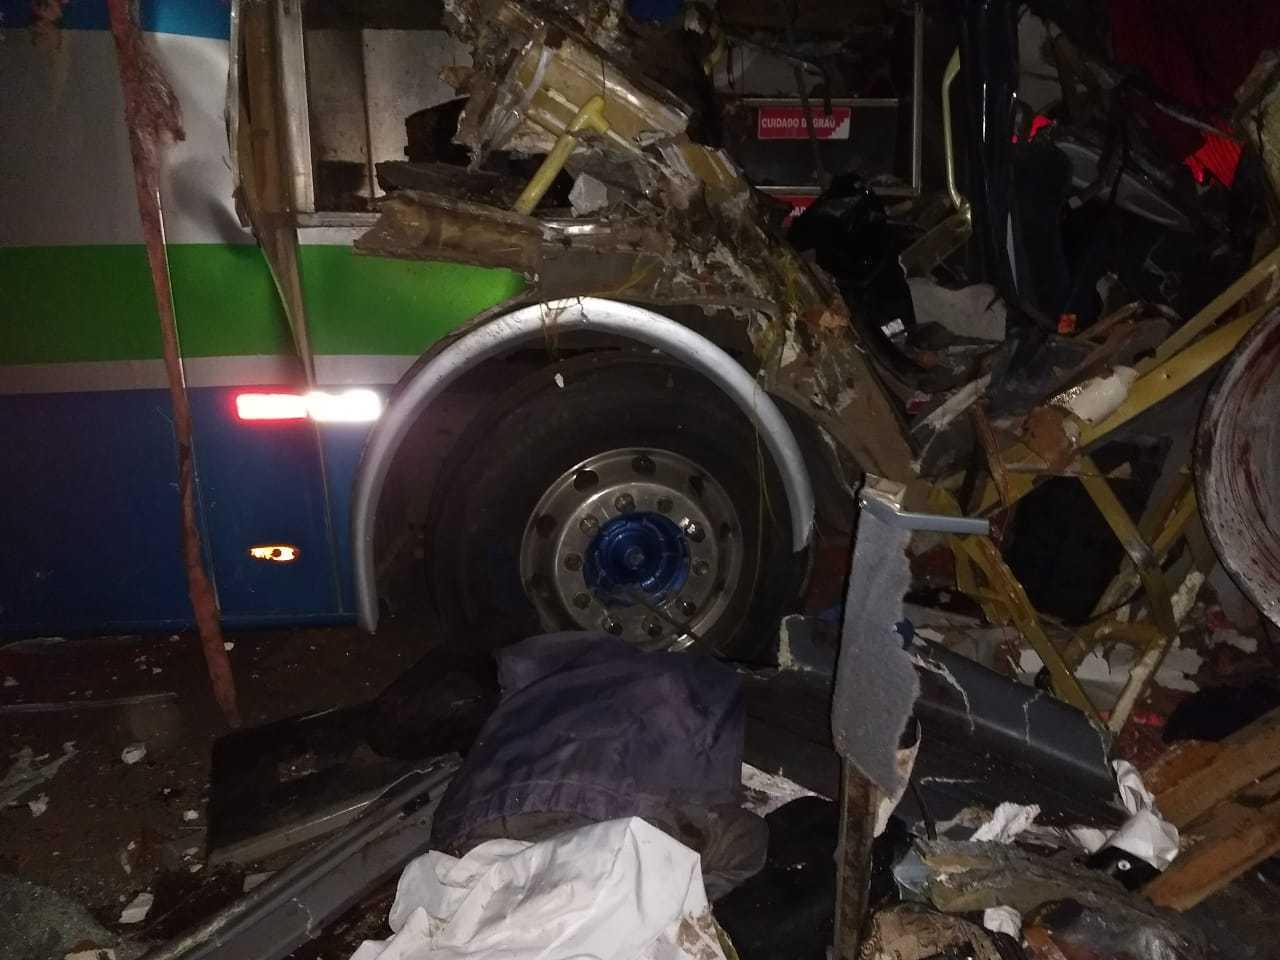 Acidente entre caminhonete, carreta e ônibus deixa 6 mortos em MG